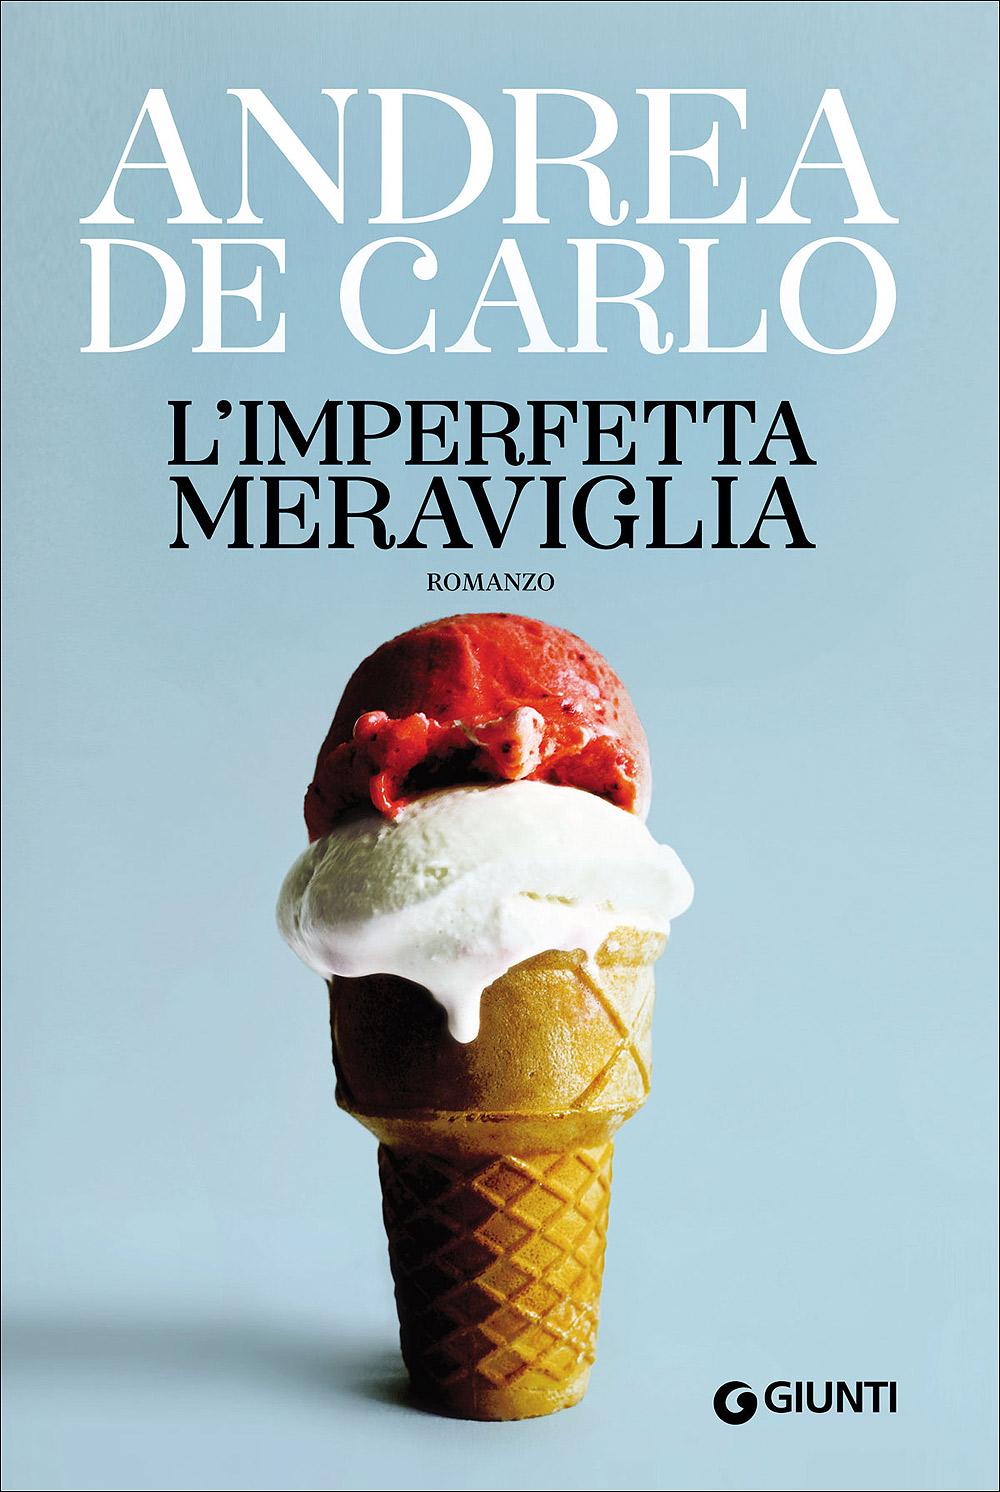 l' imperfetta meraviglia di andrea de carlo libri creatività italiana scrittori italiani creativi creativity stories & news